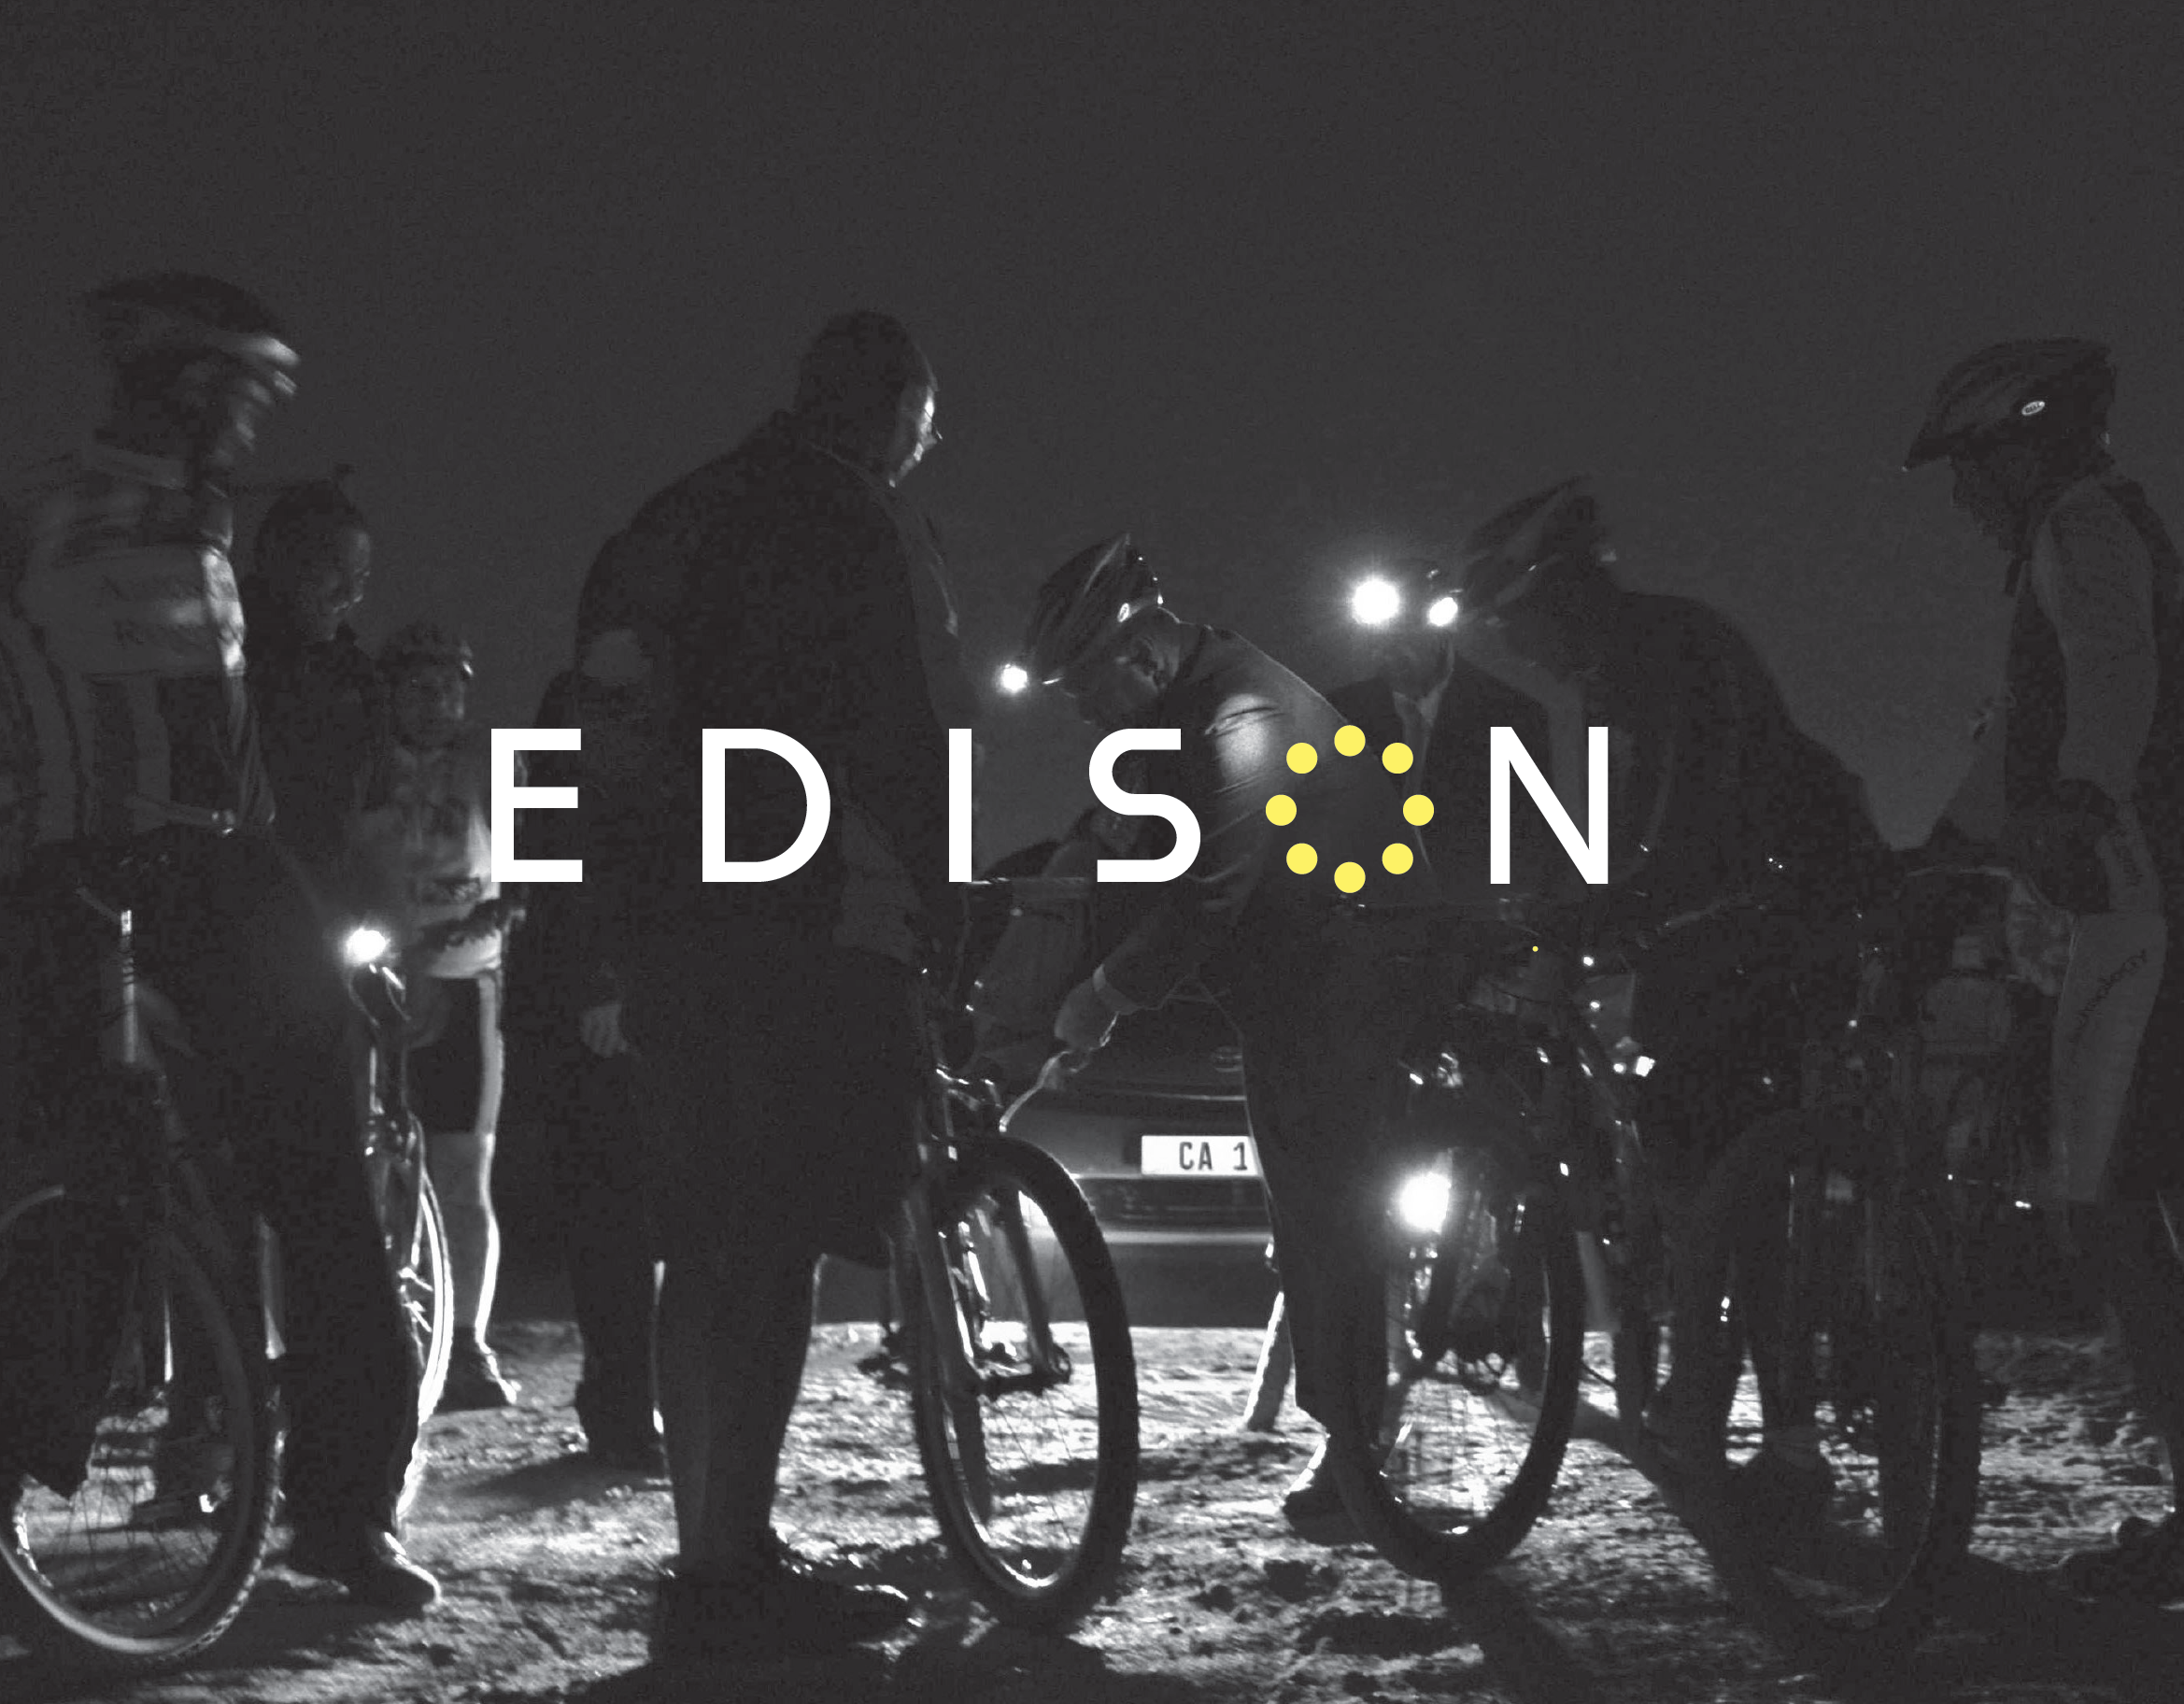 EDISON CYCLING GEAR